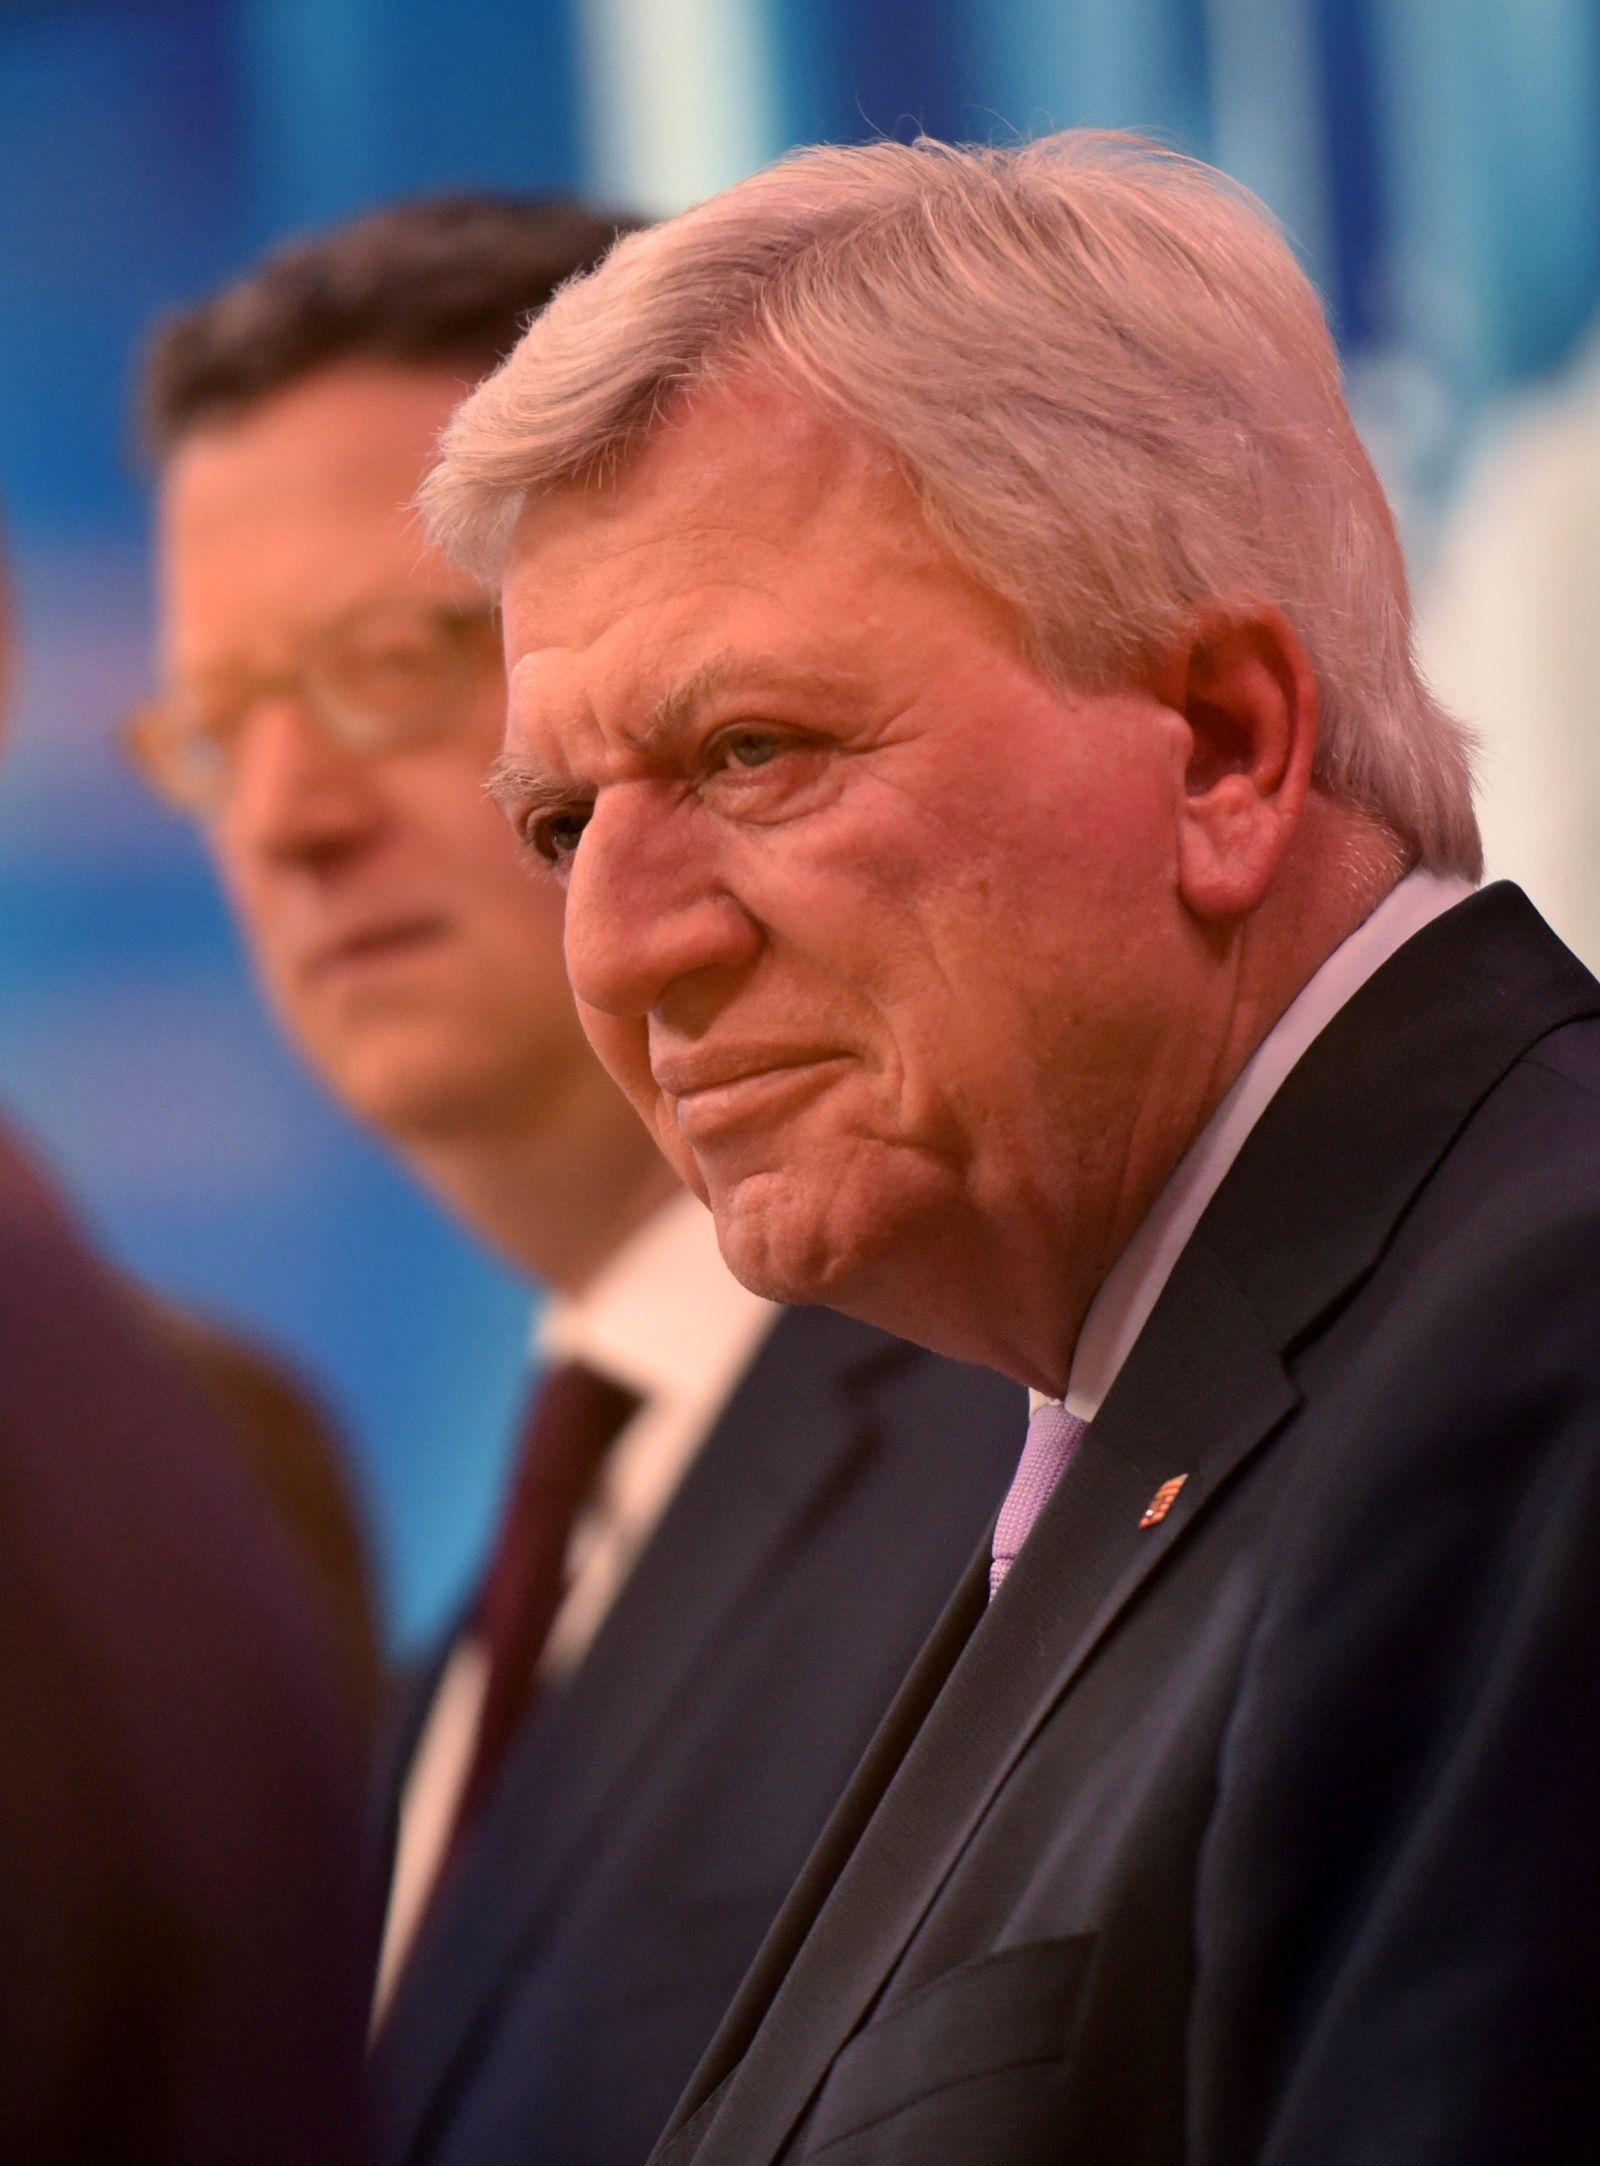 Thorsten Schäfer-Gümbel Volker Bouffier